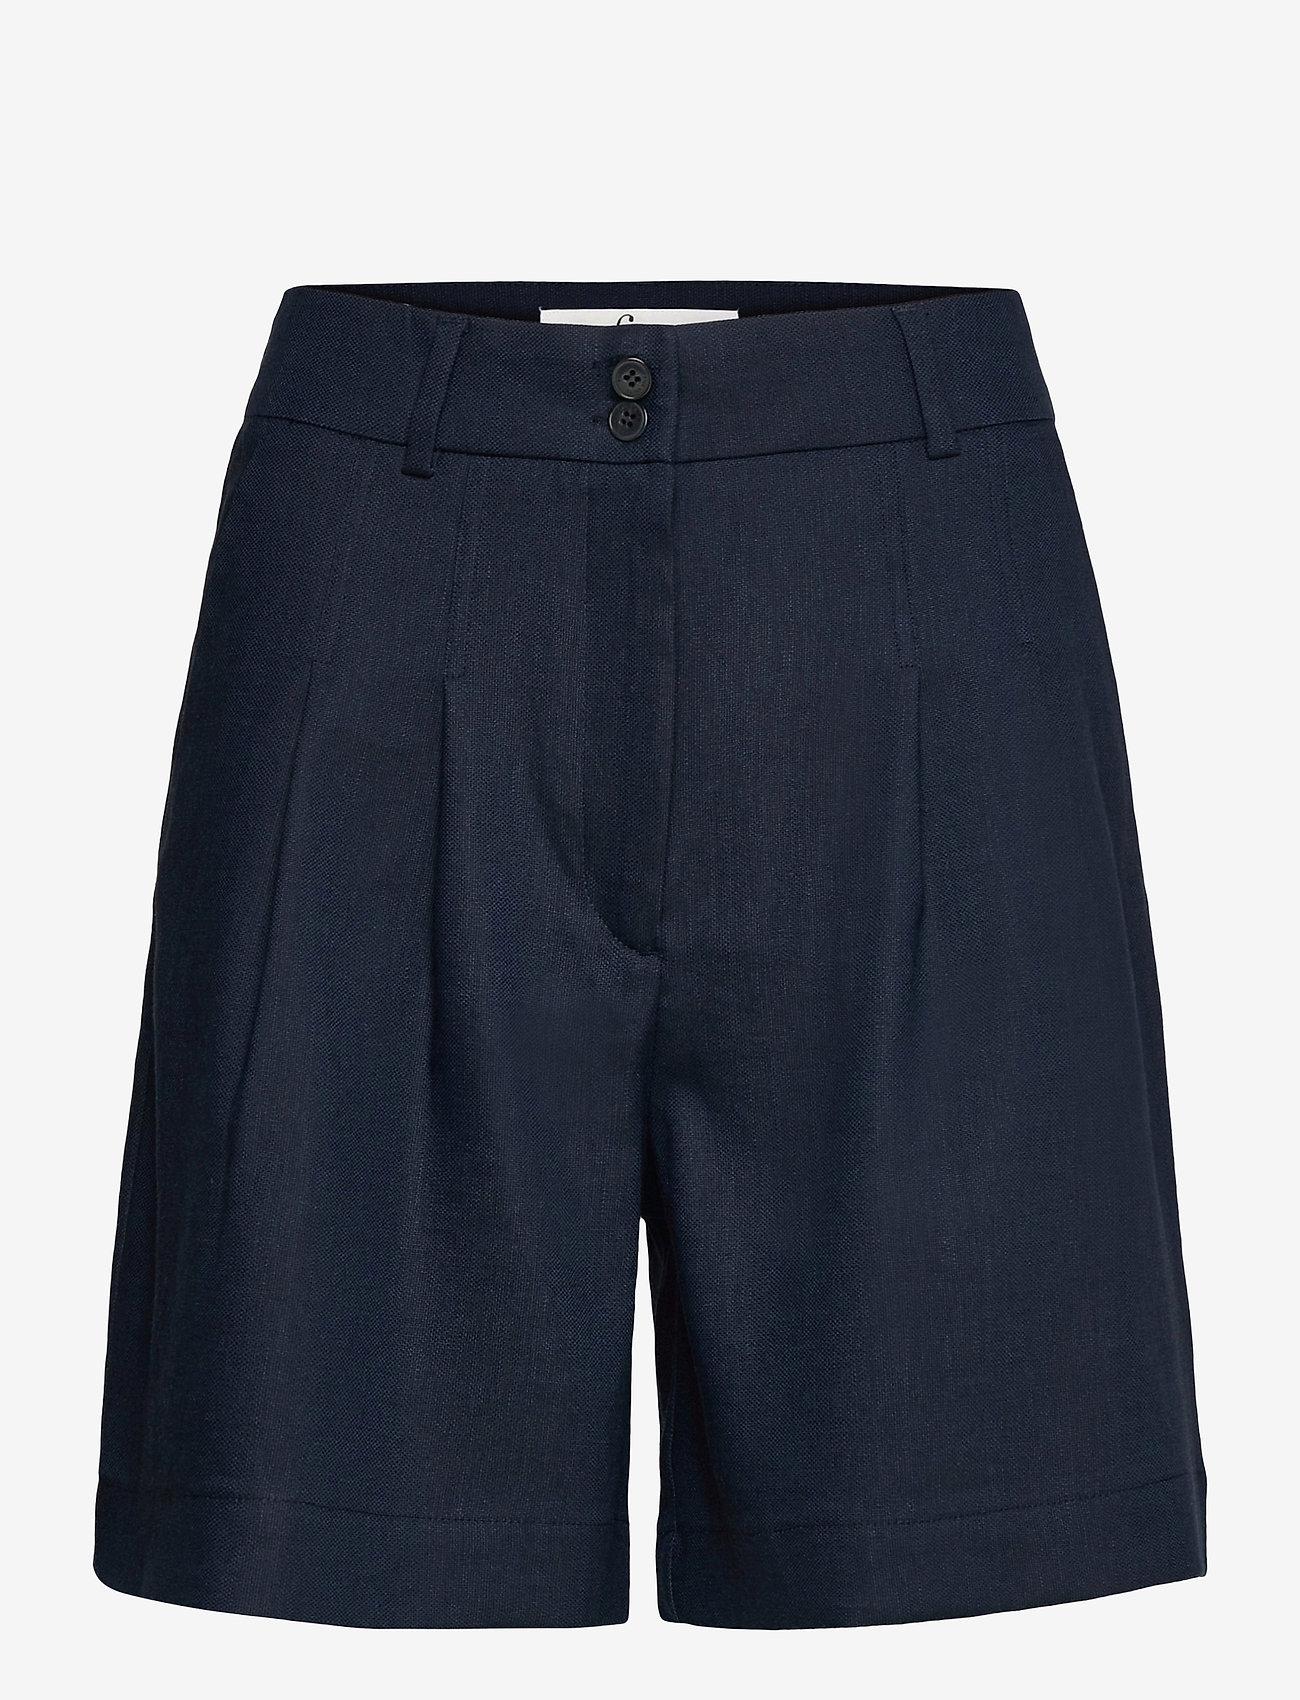 FIVEUNITS - Karen Shorts 769 - chino shorts - navy - 1